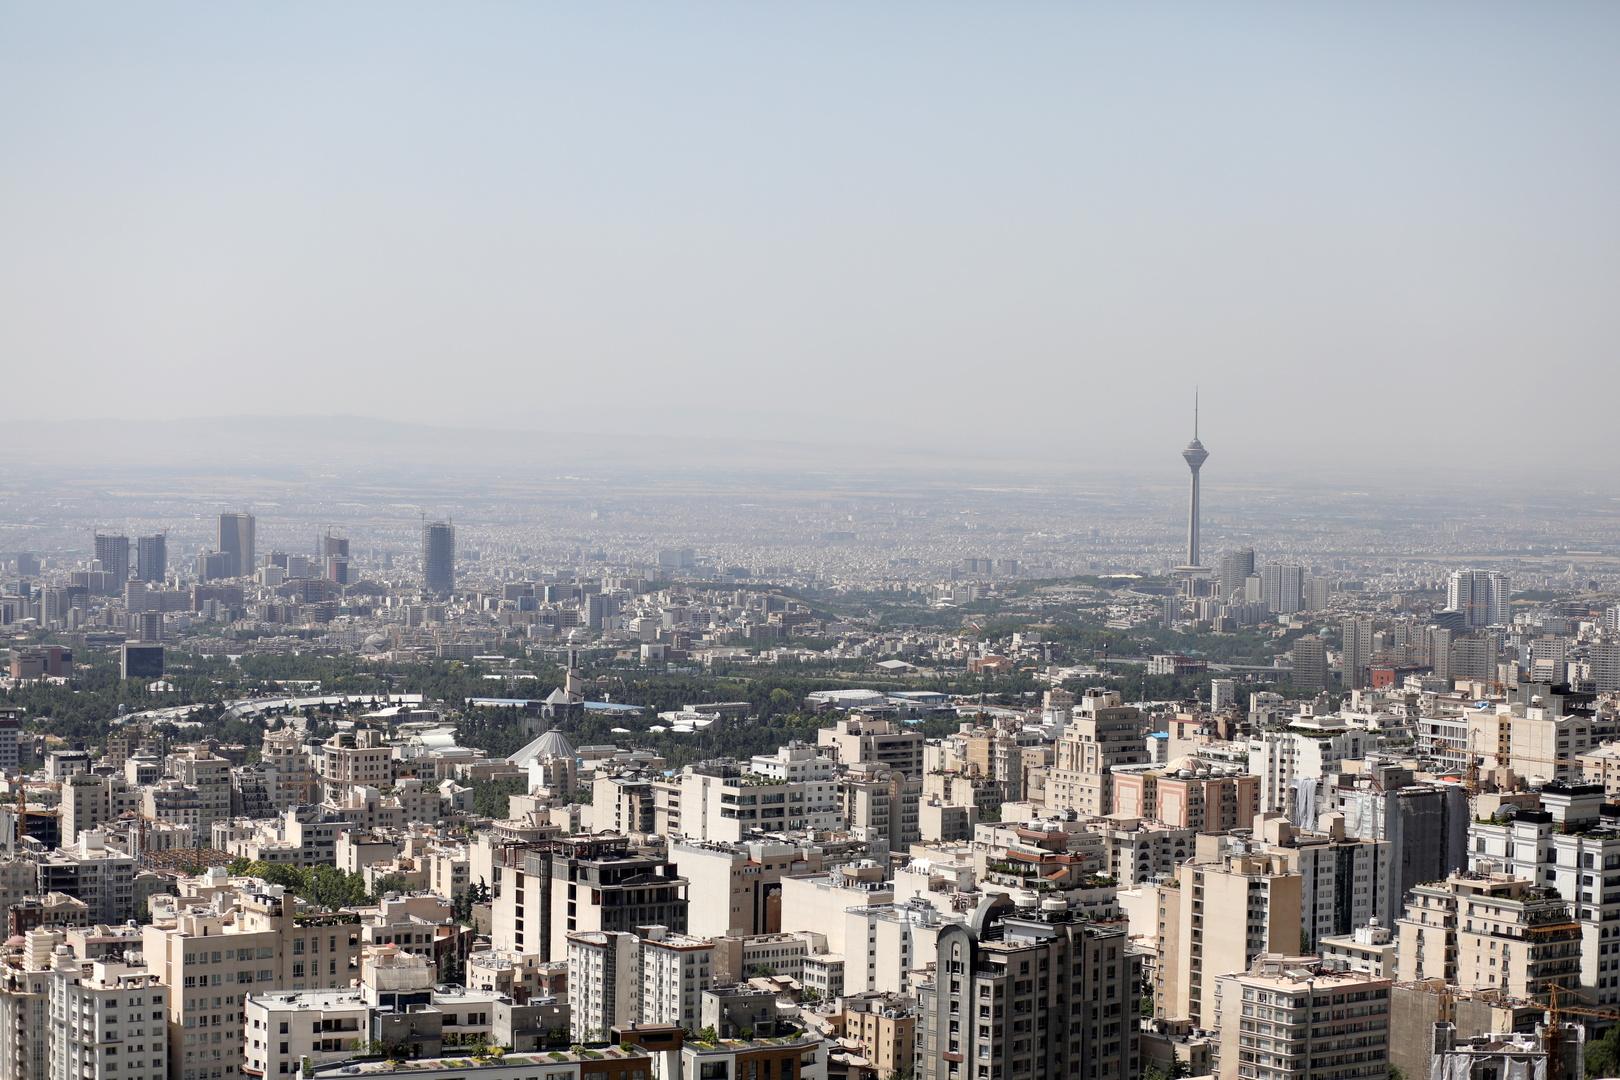 احتجاجات على انقطاع الكهرباء في إيران وشعارات مناهضة لخامنئي